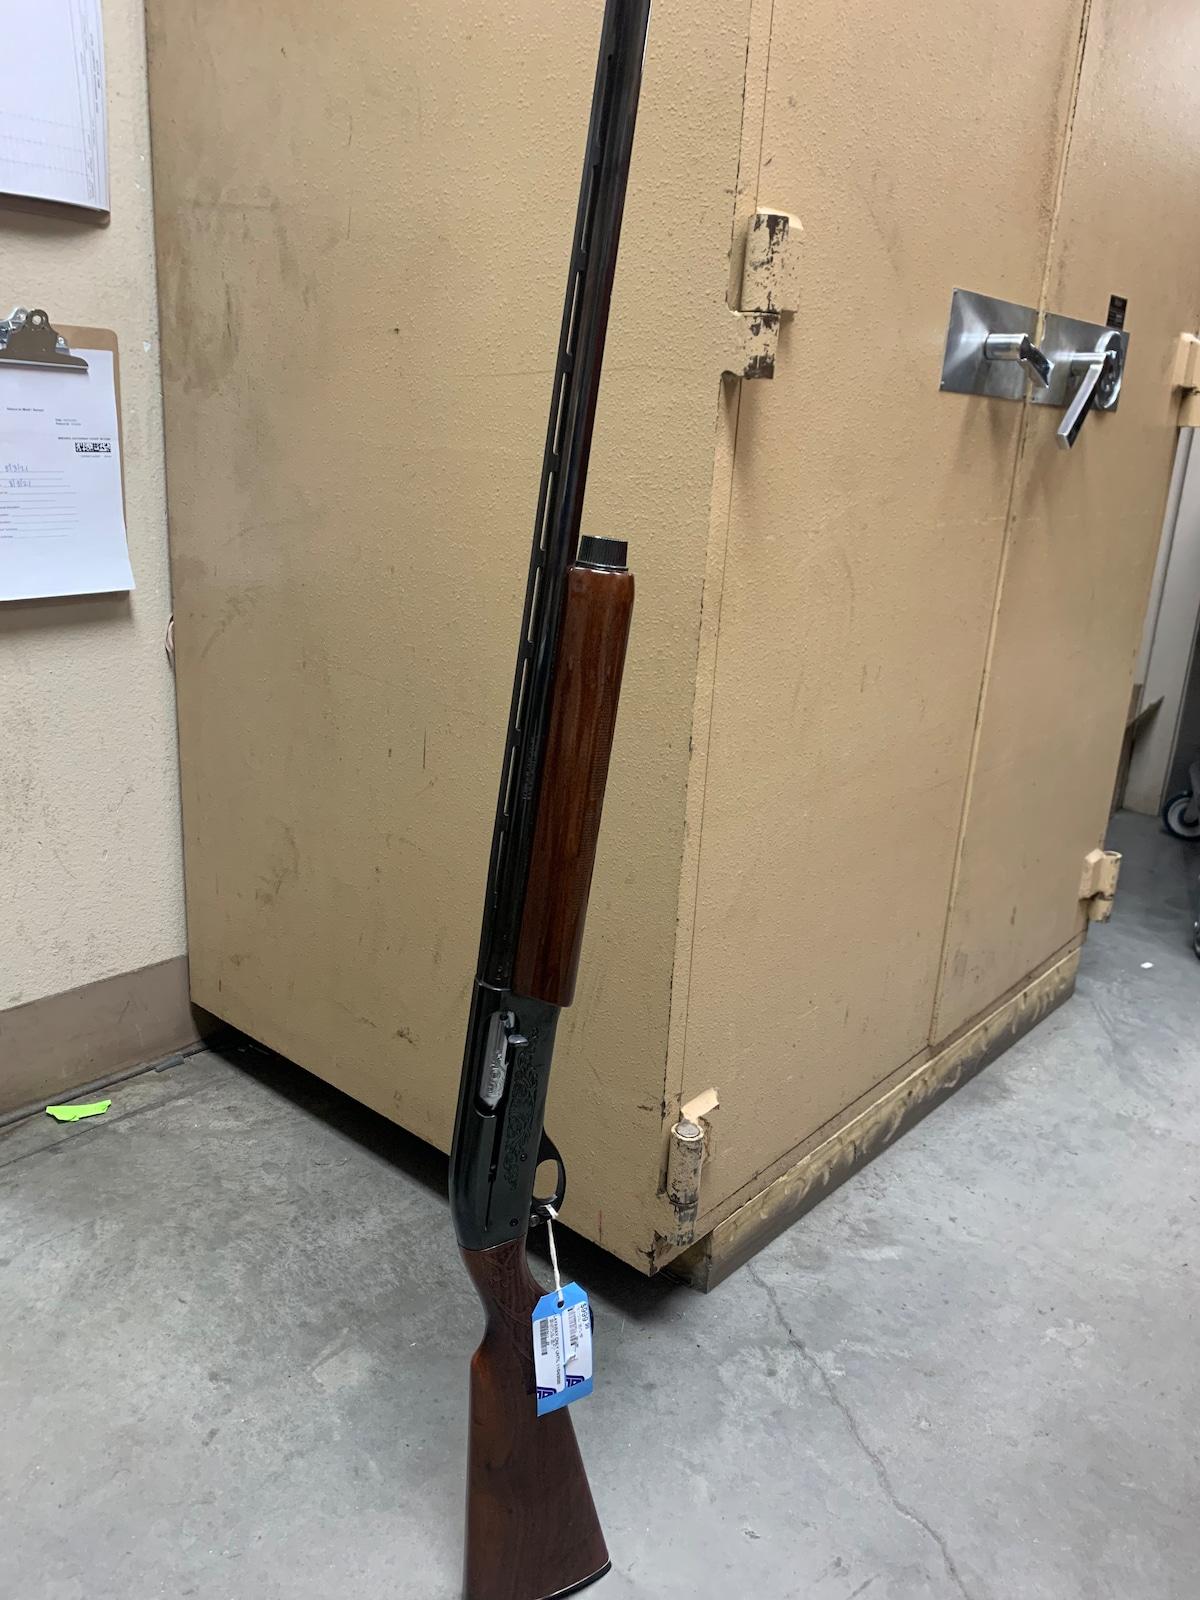 REMINGTON ARMS COMPANY, INC. 1100